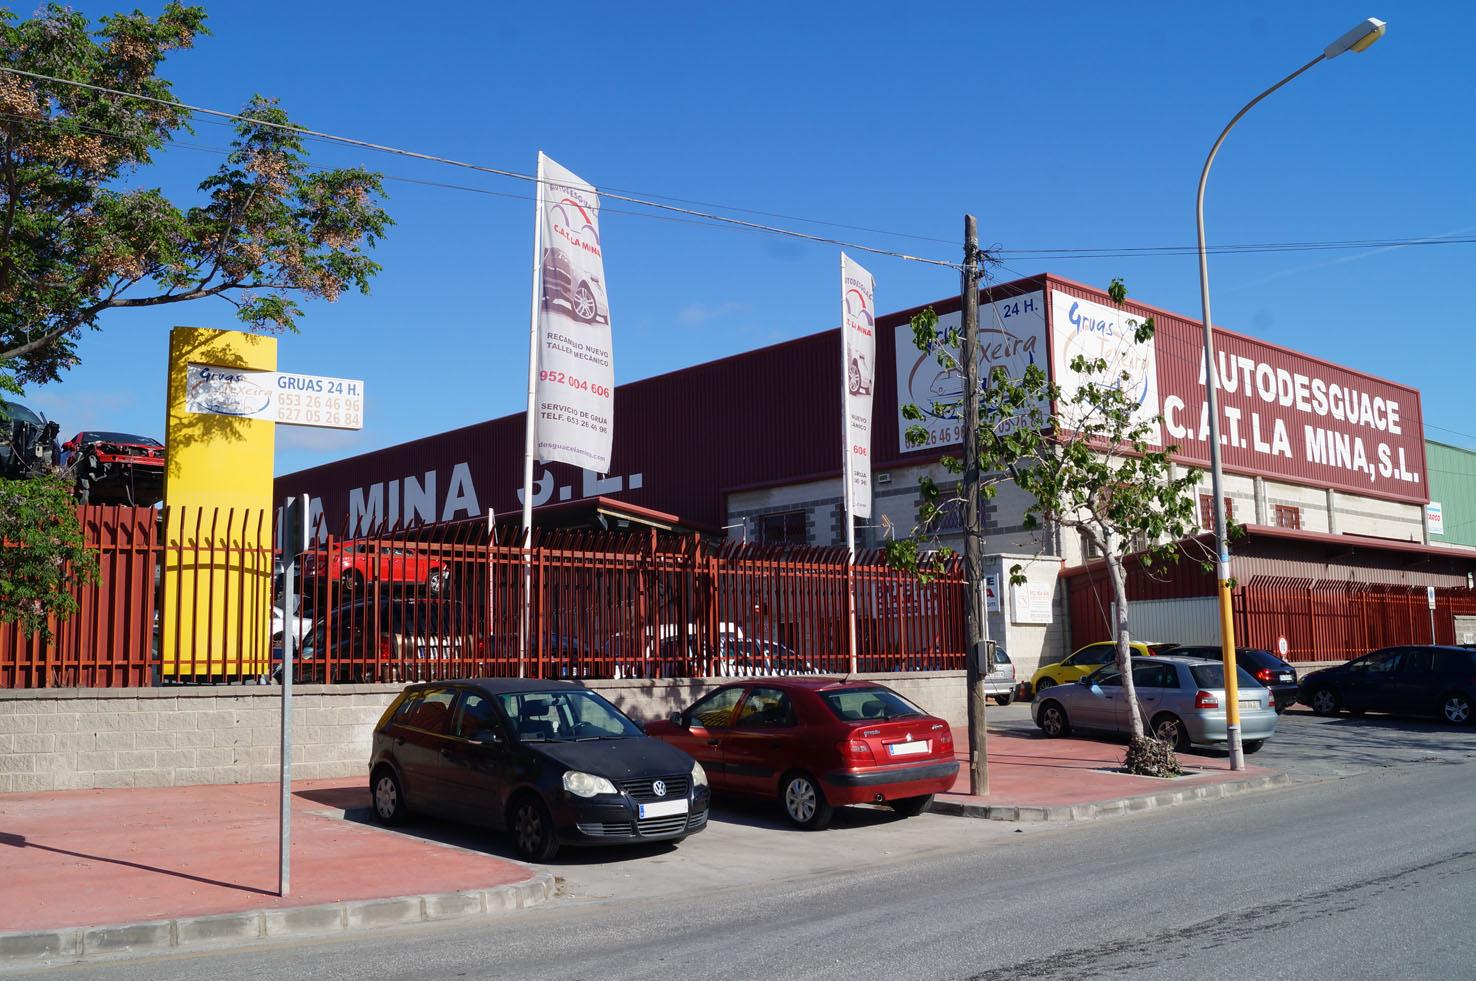 Autodesguace CAT La Mina